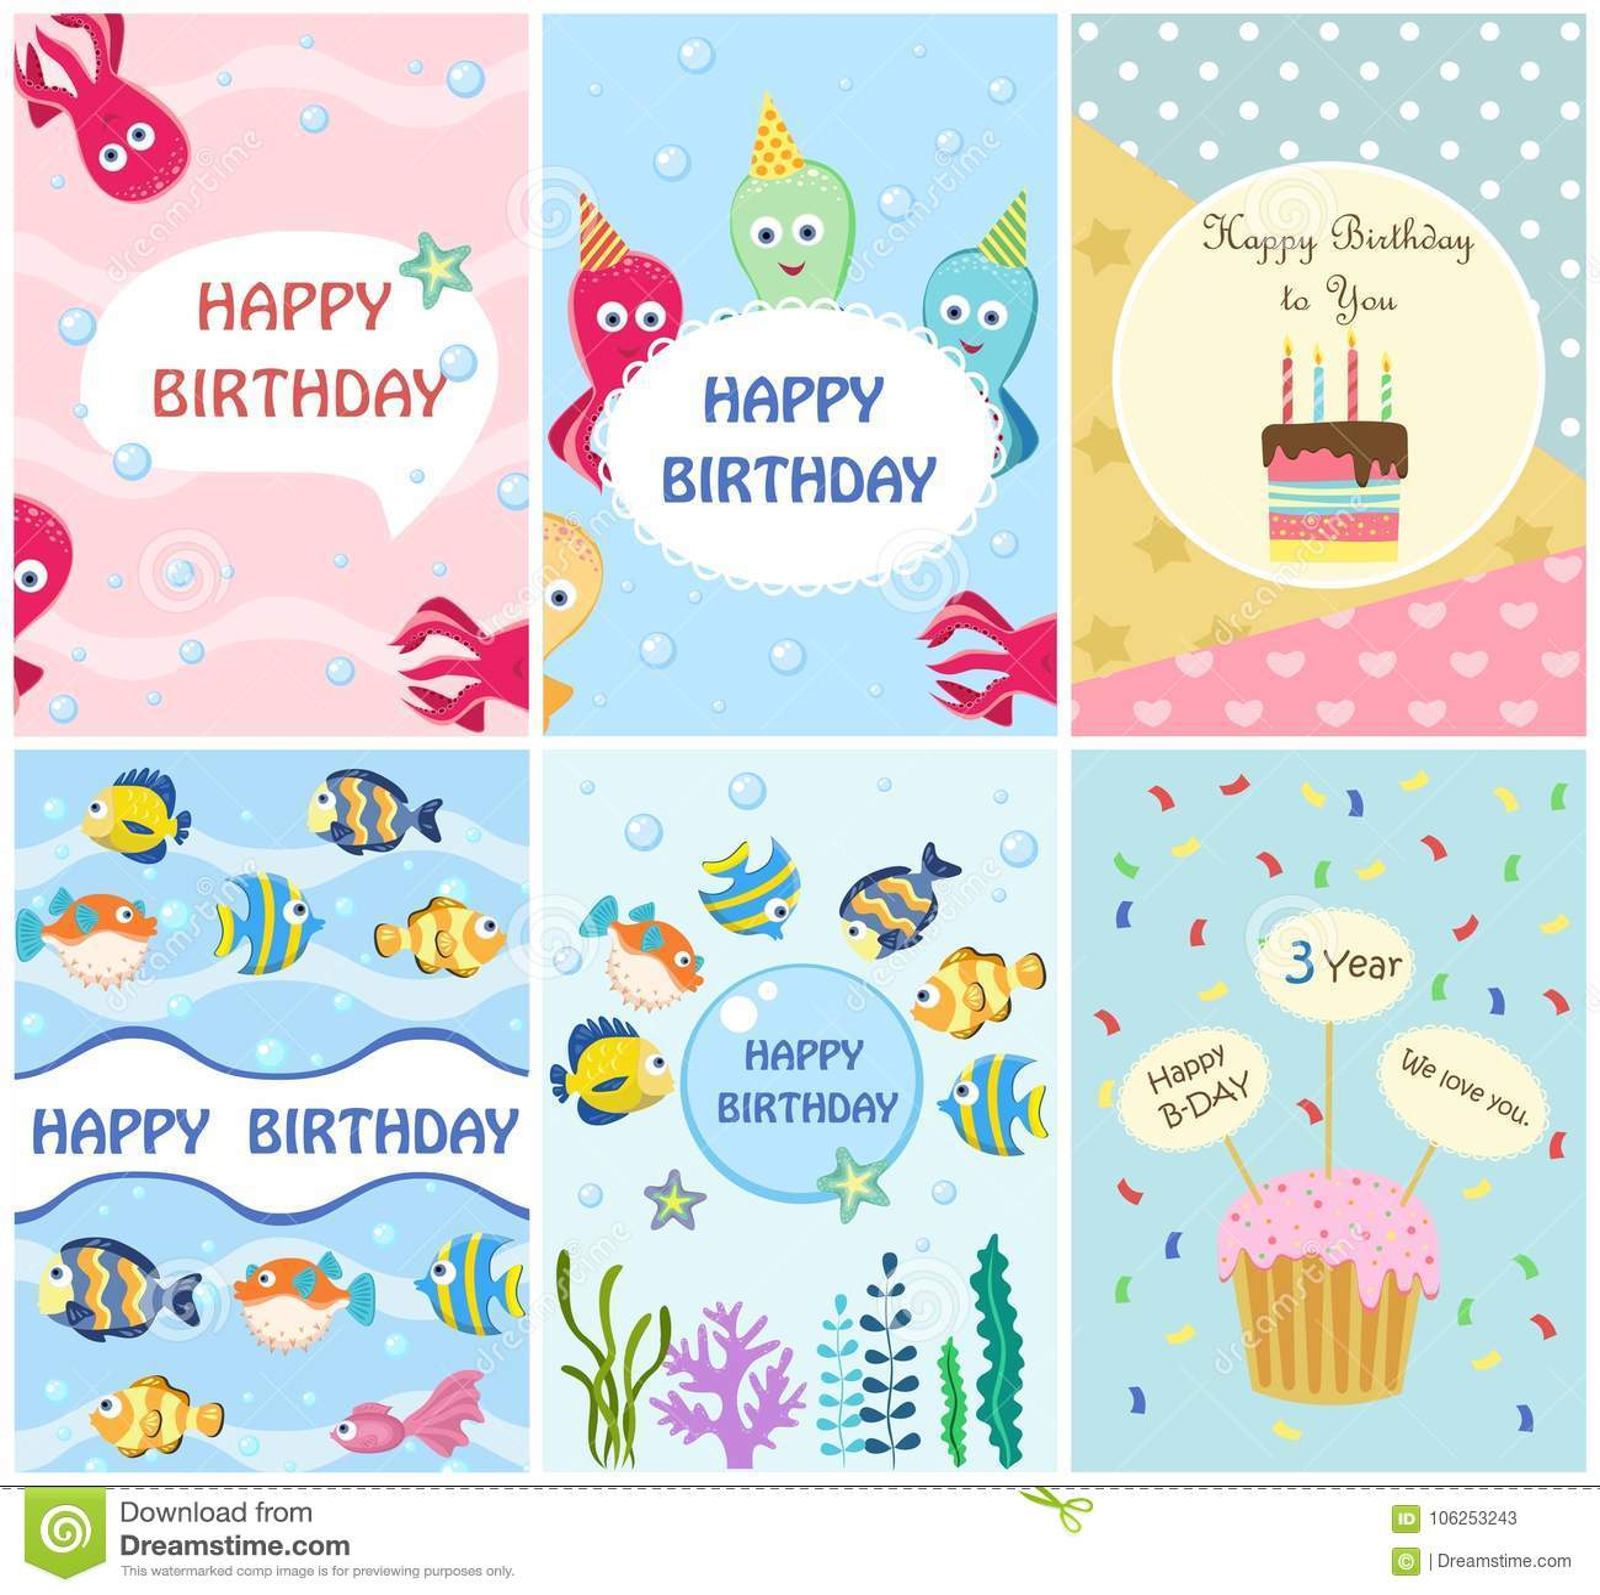 Alles- Gute zum Geburtstaggrußkartenschablonen und Parteieinladungen, Satz Postkarten